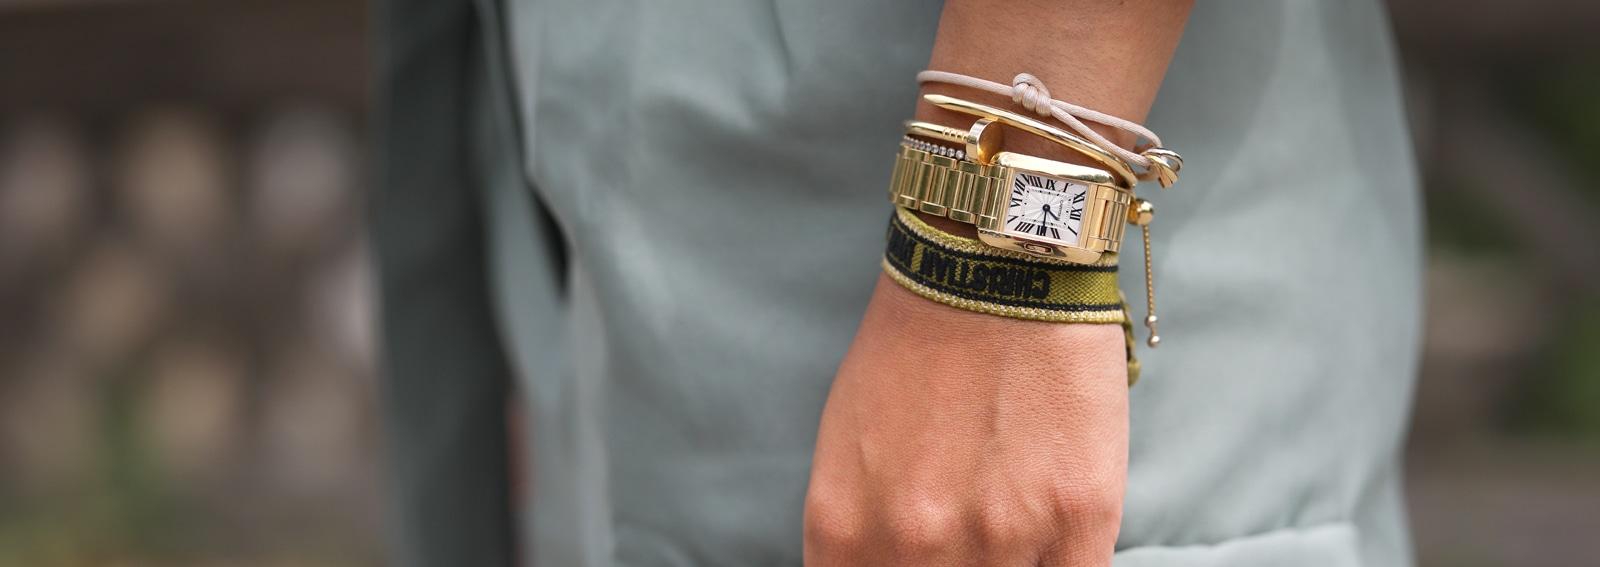 DESKTOP_orologio-squadrato